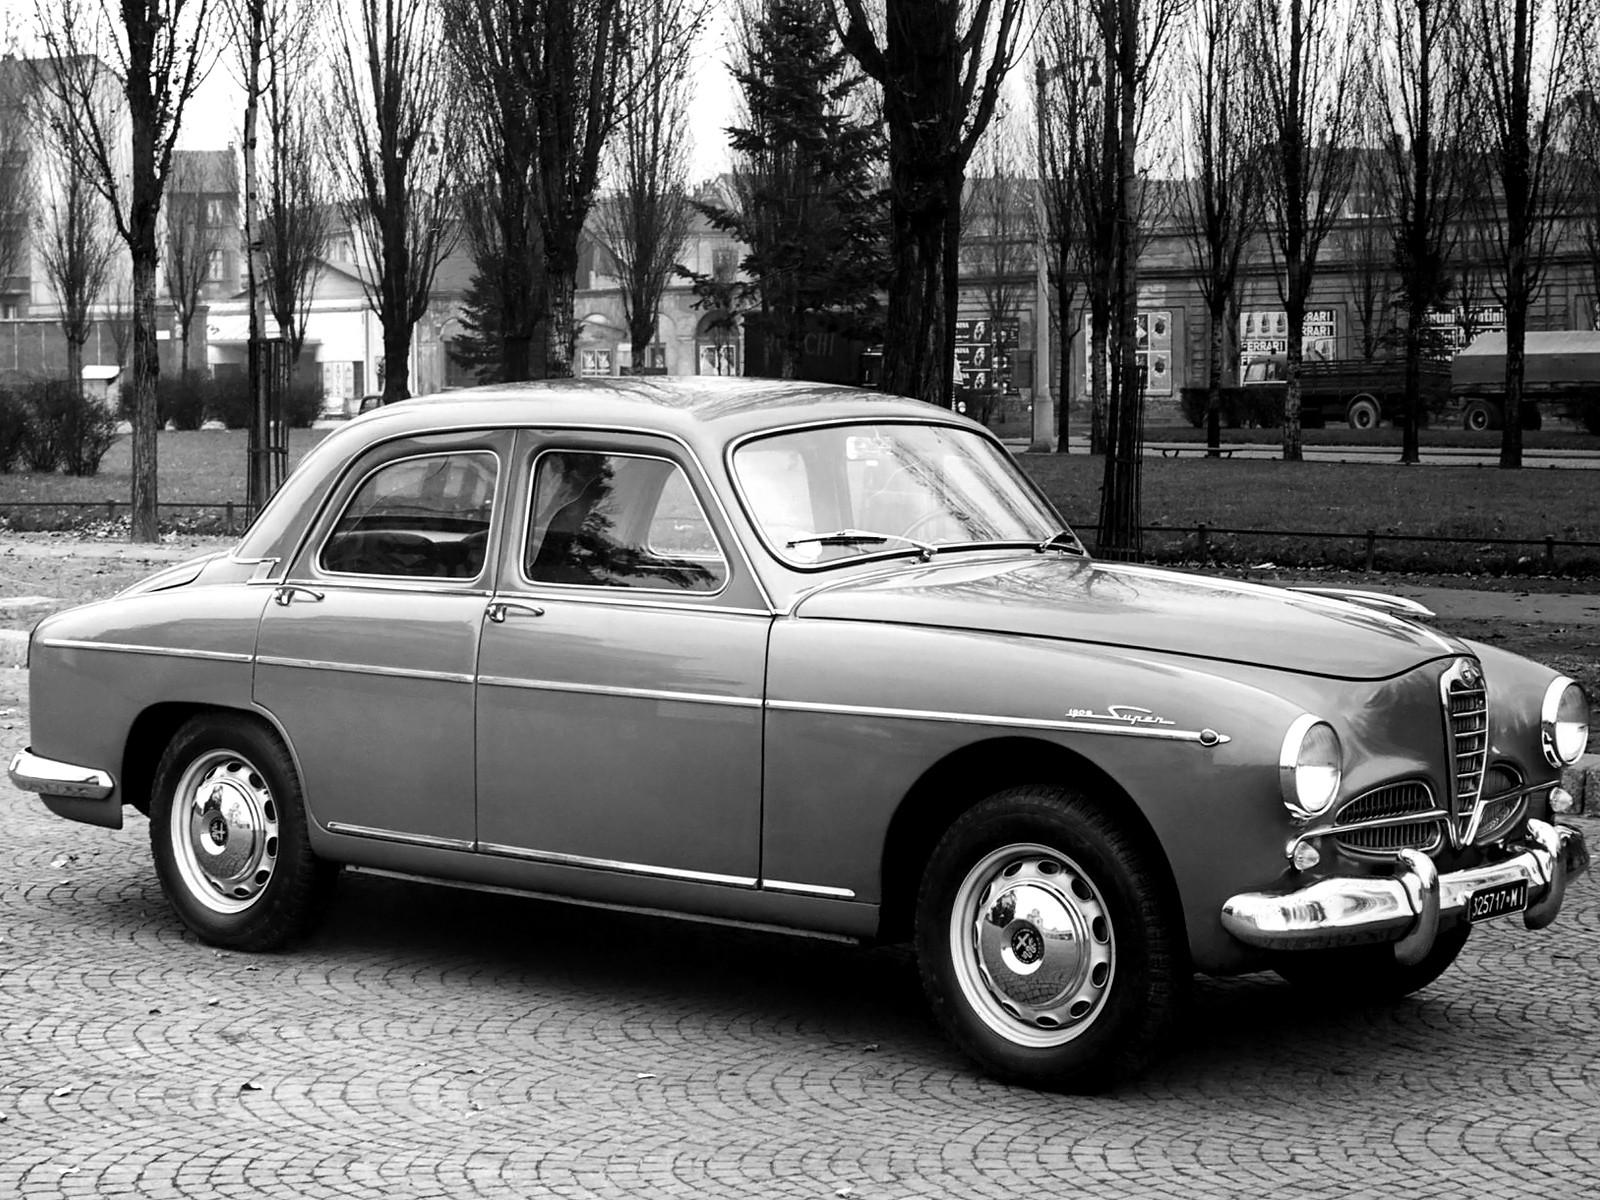 Alfa Romeo 1900 1950 - 1959 Sedan #3